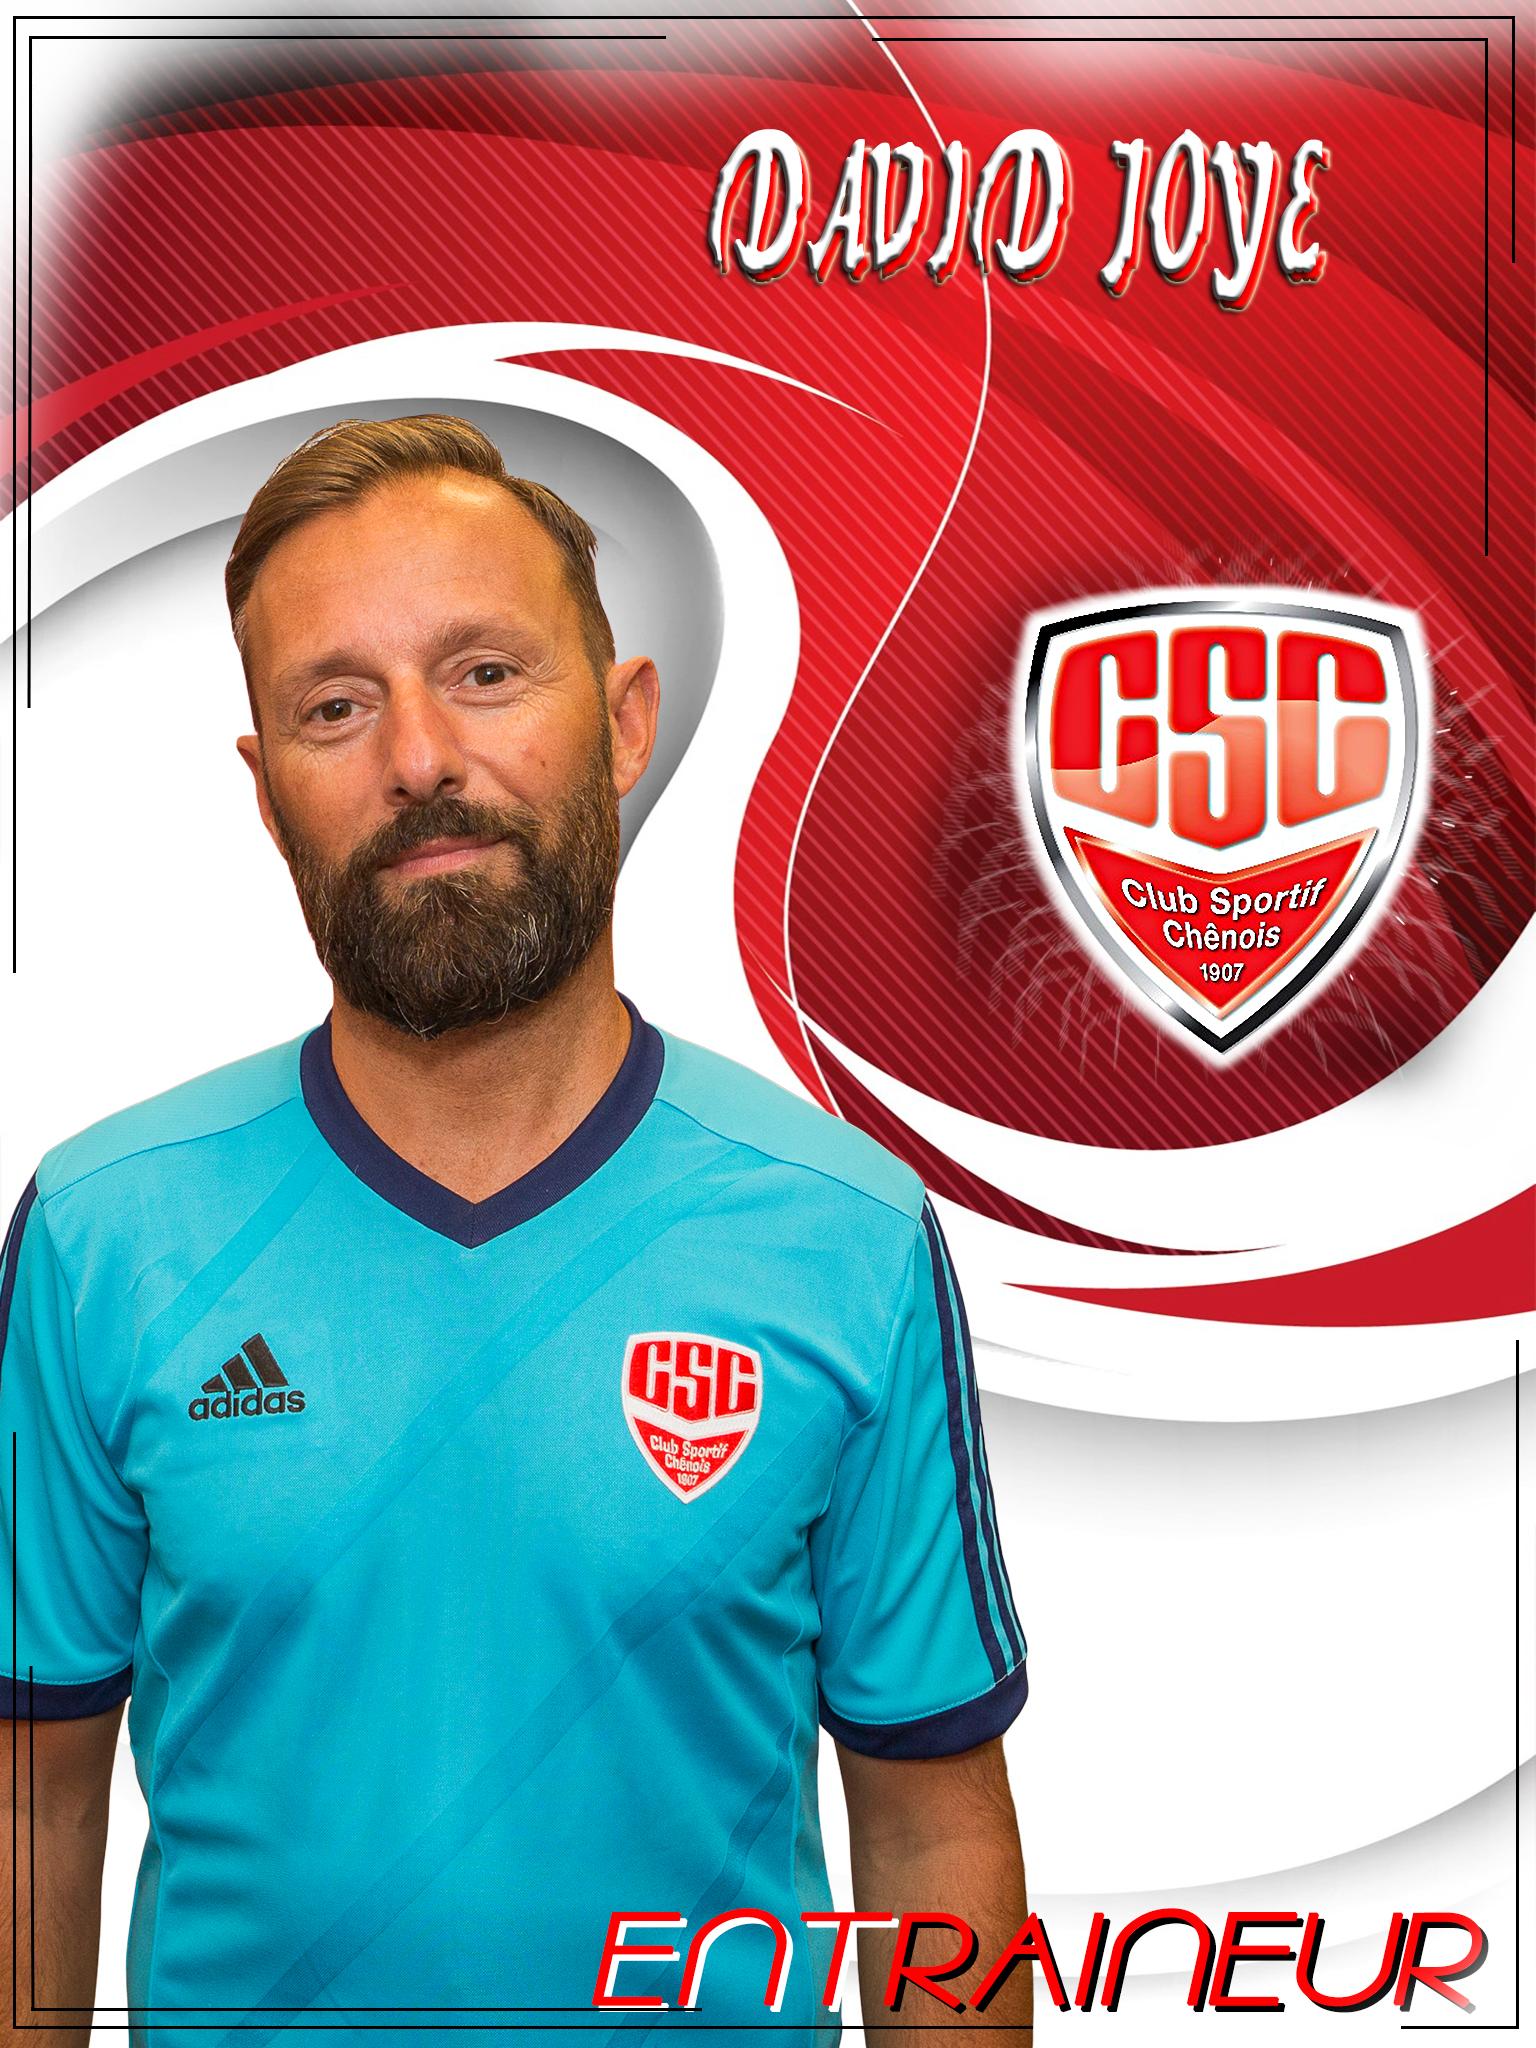 entraineur-david-joye1